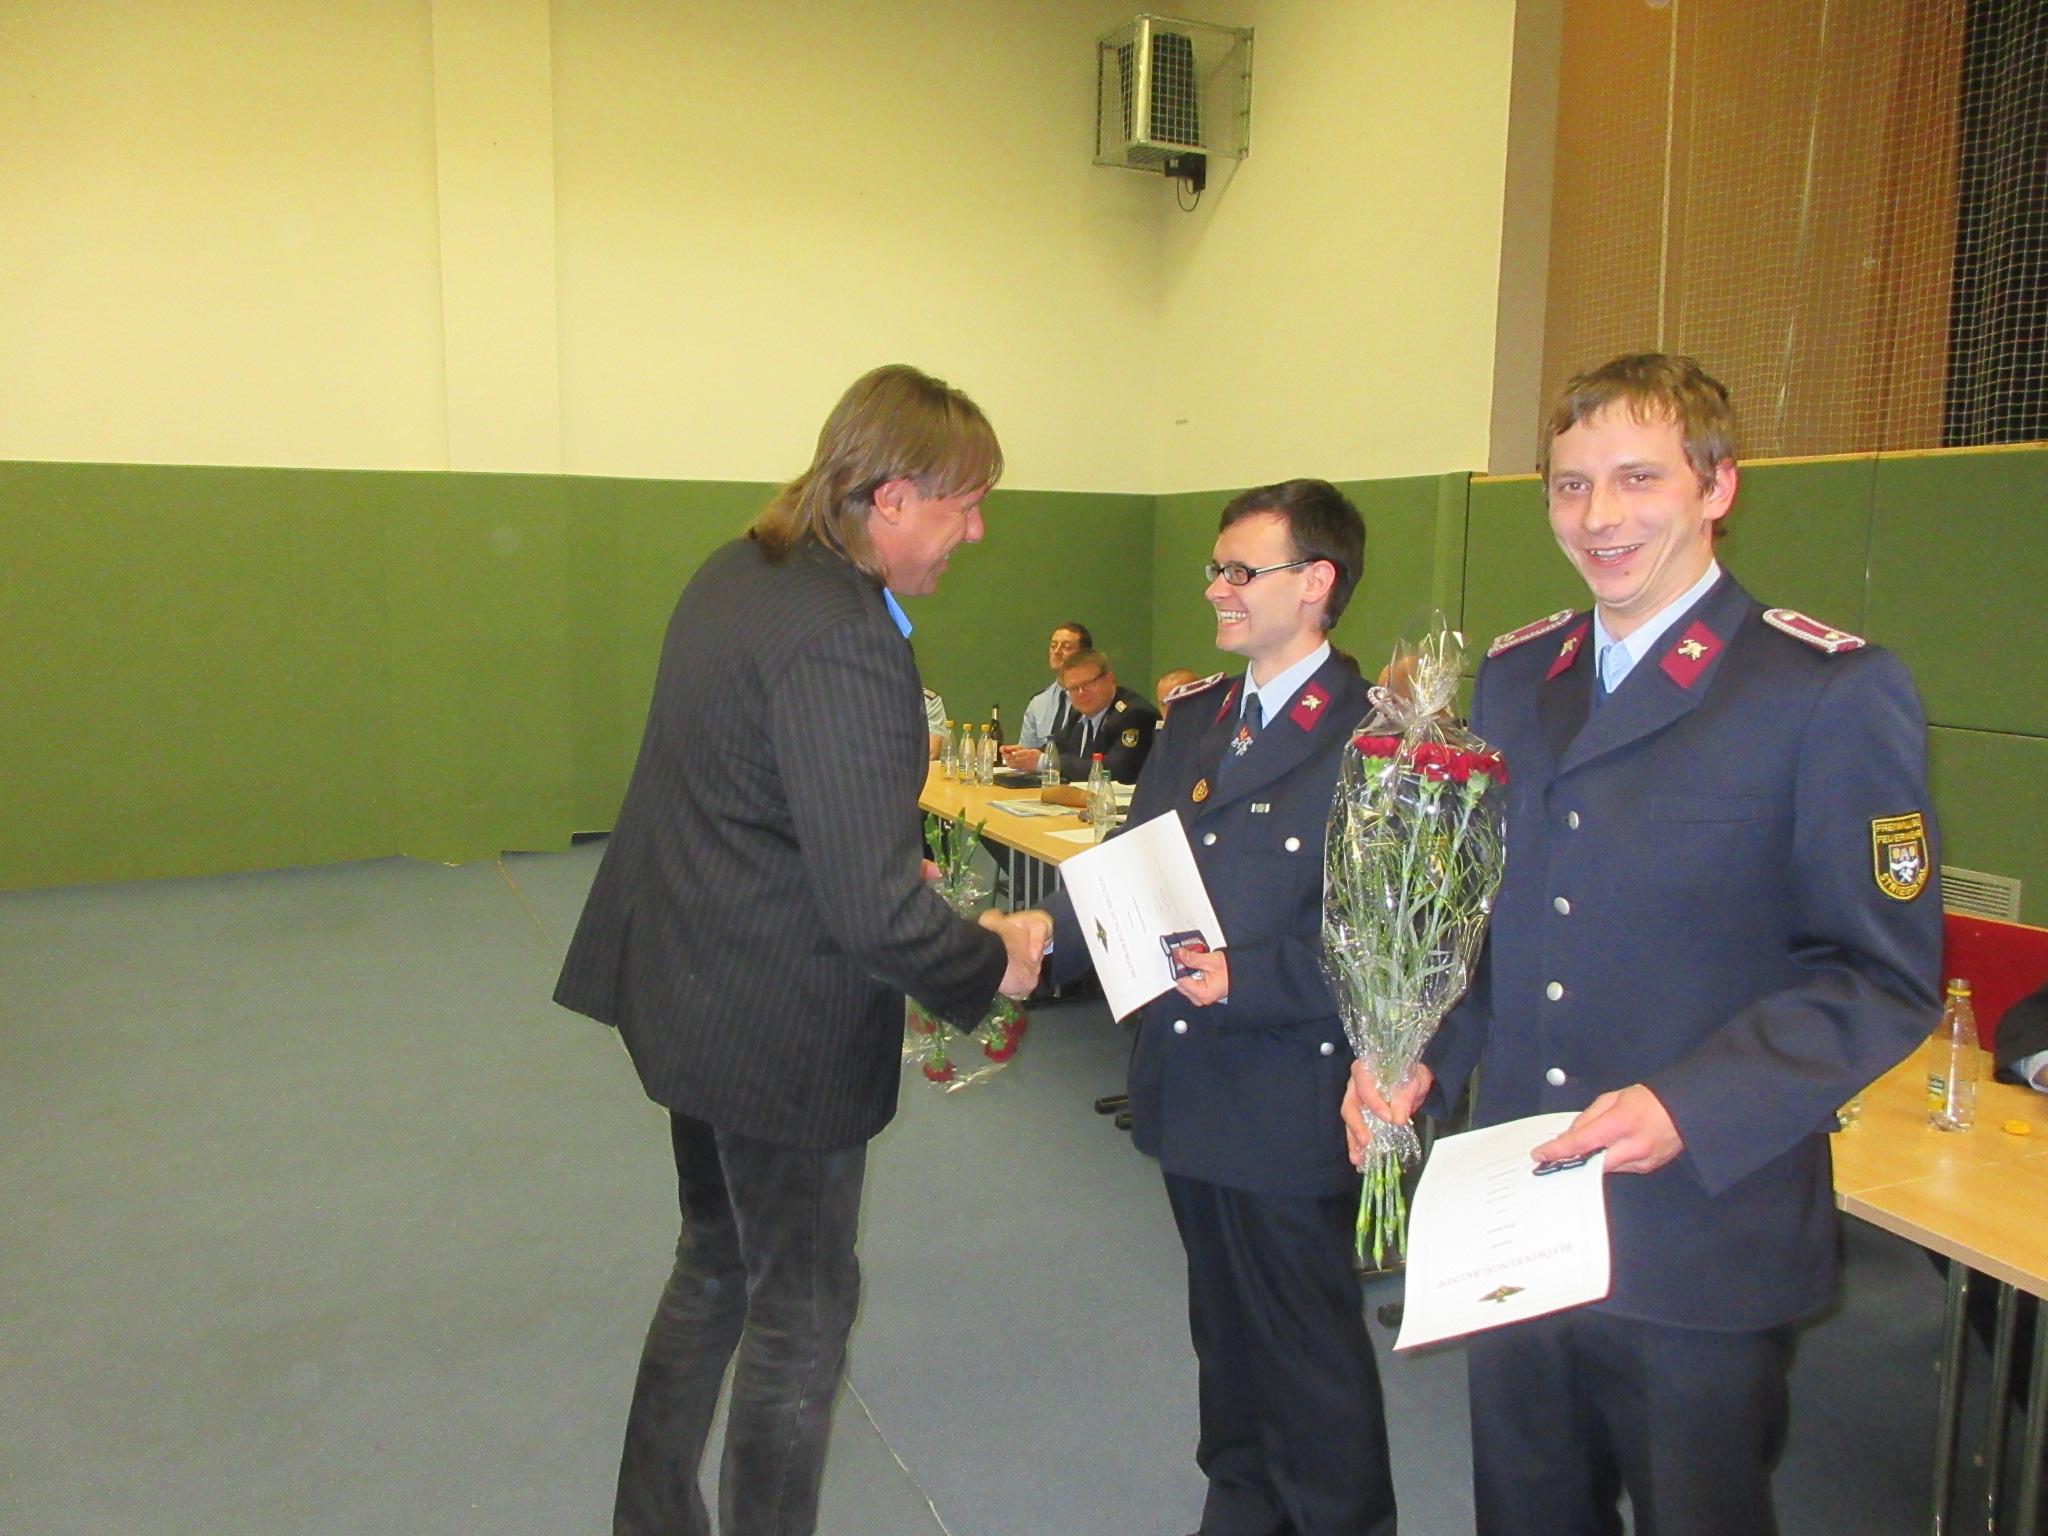 17.03.2017 - Jahreshauptversammlung Freiwillige Feuerwehr Striegistal